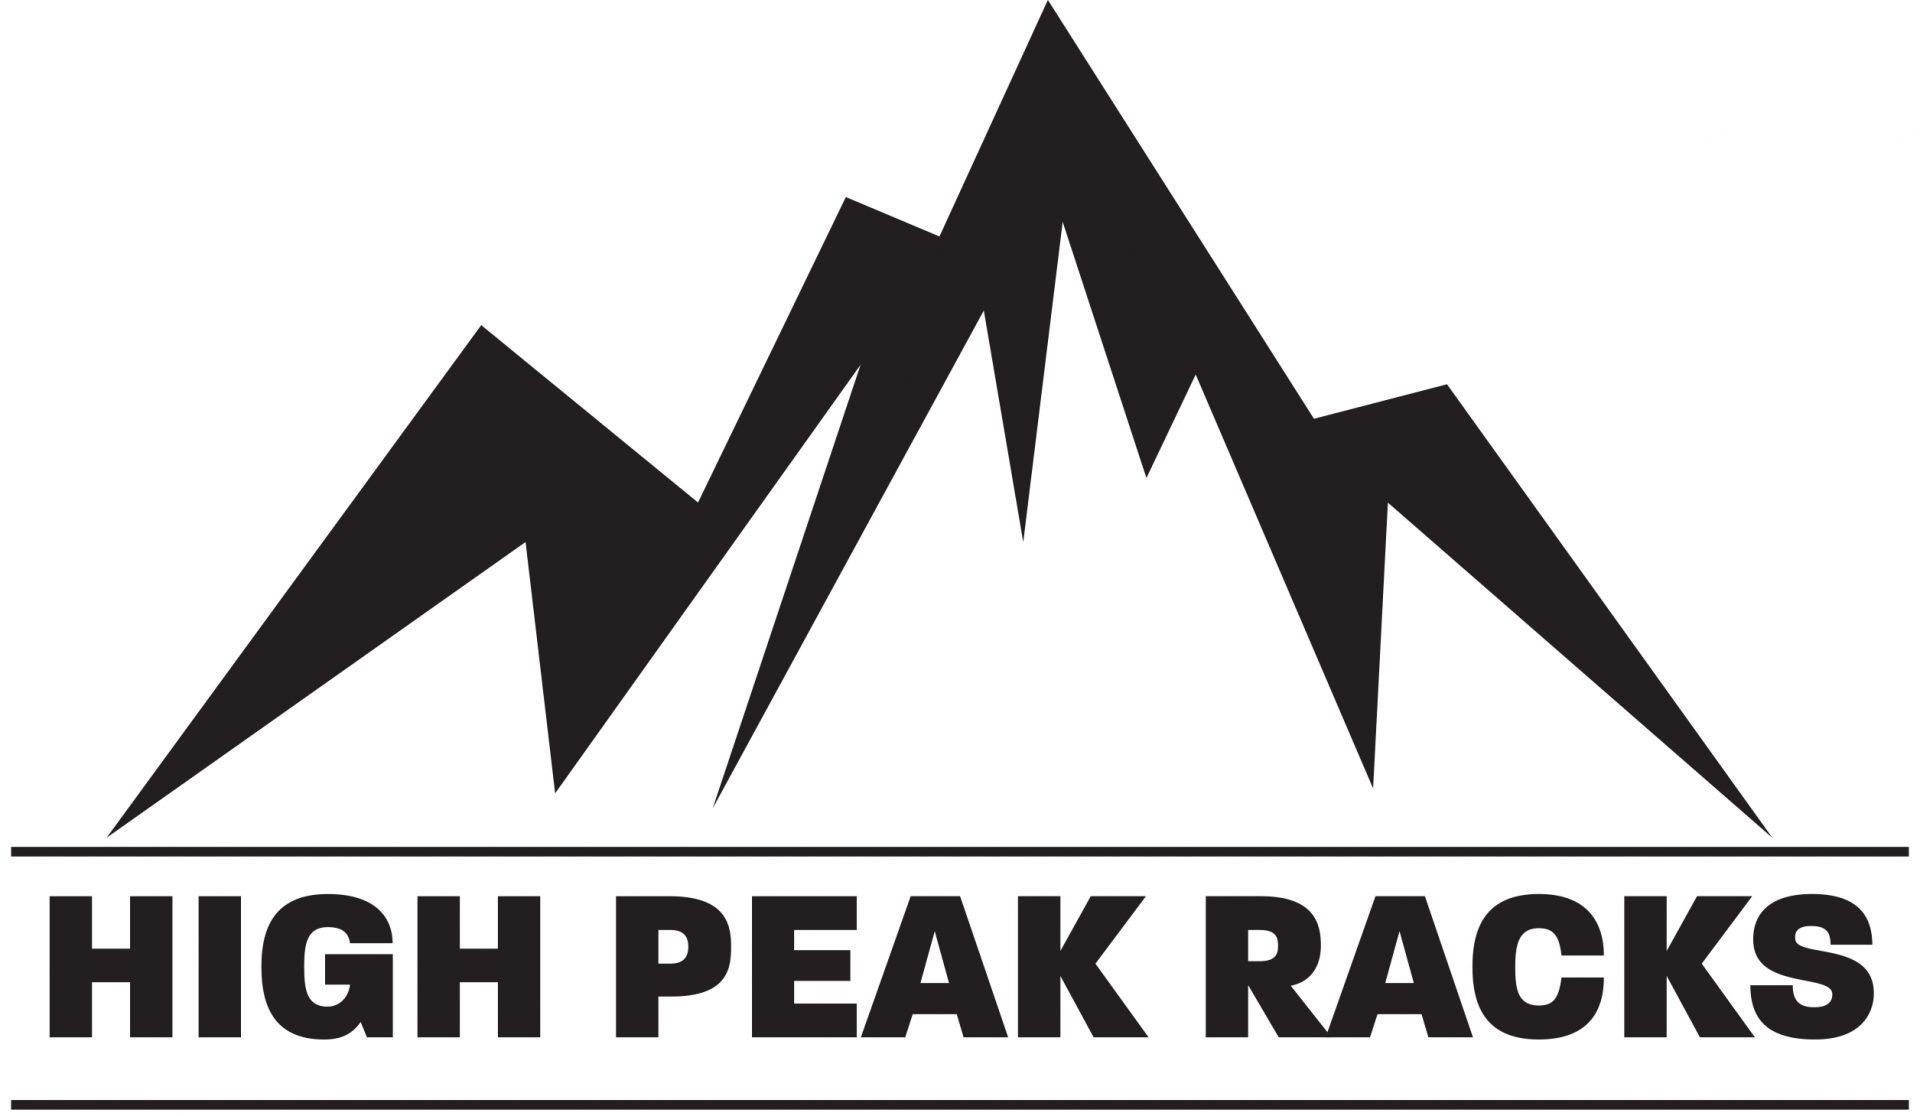 High Peak Racks